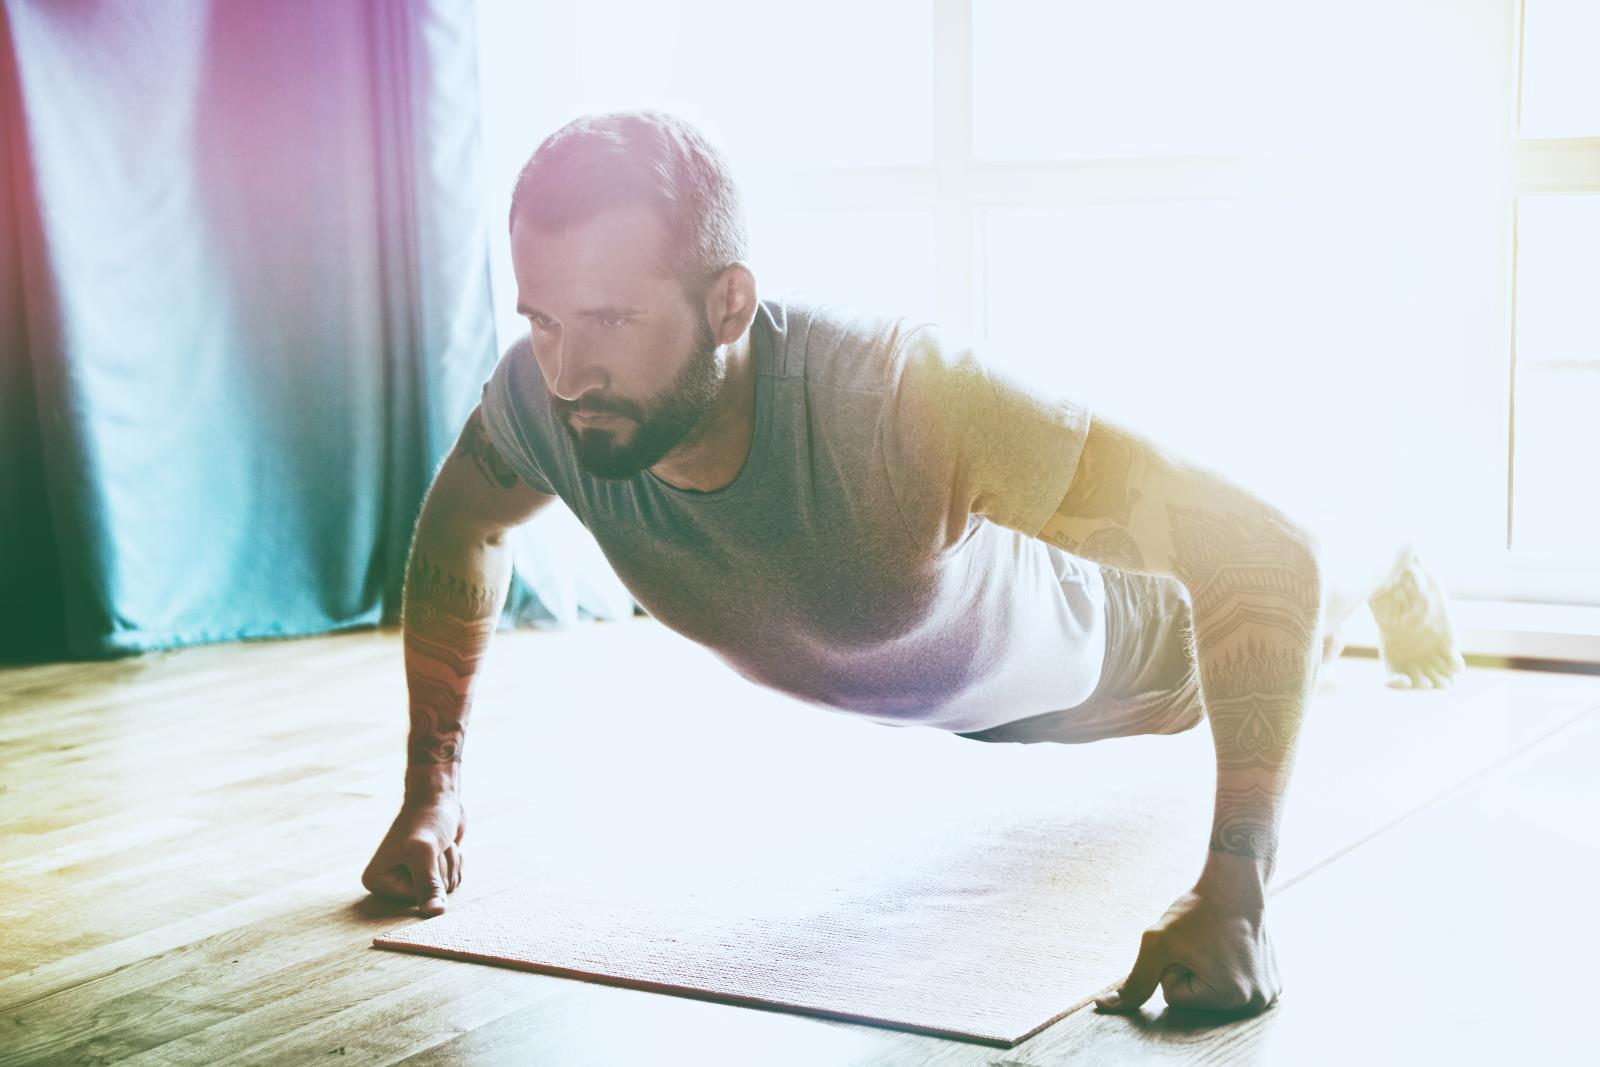 Trening pleców w domu: 4 proste ćwiczenia, które możesz wykonać sam i bez sprzętu